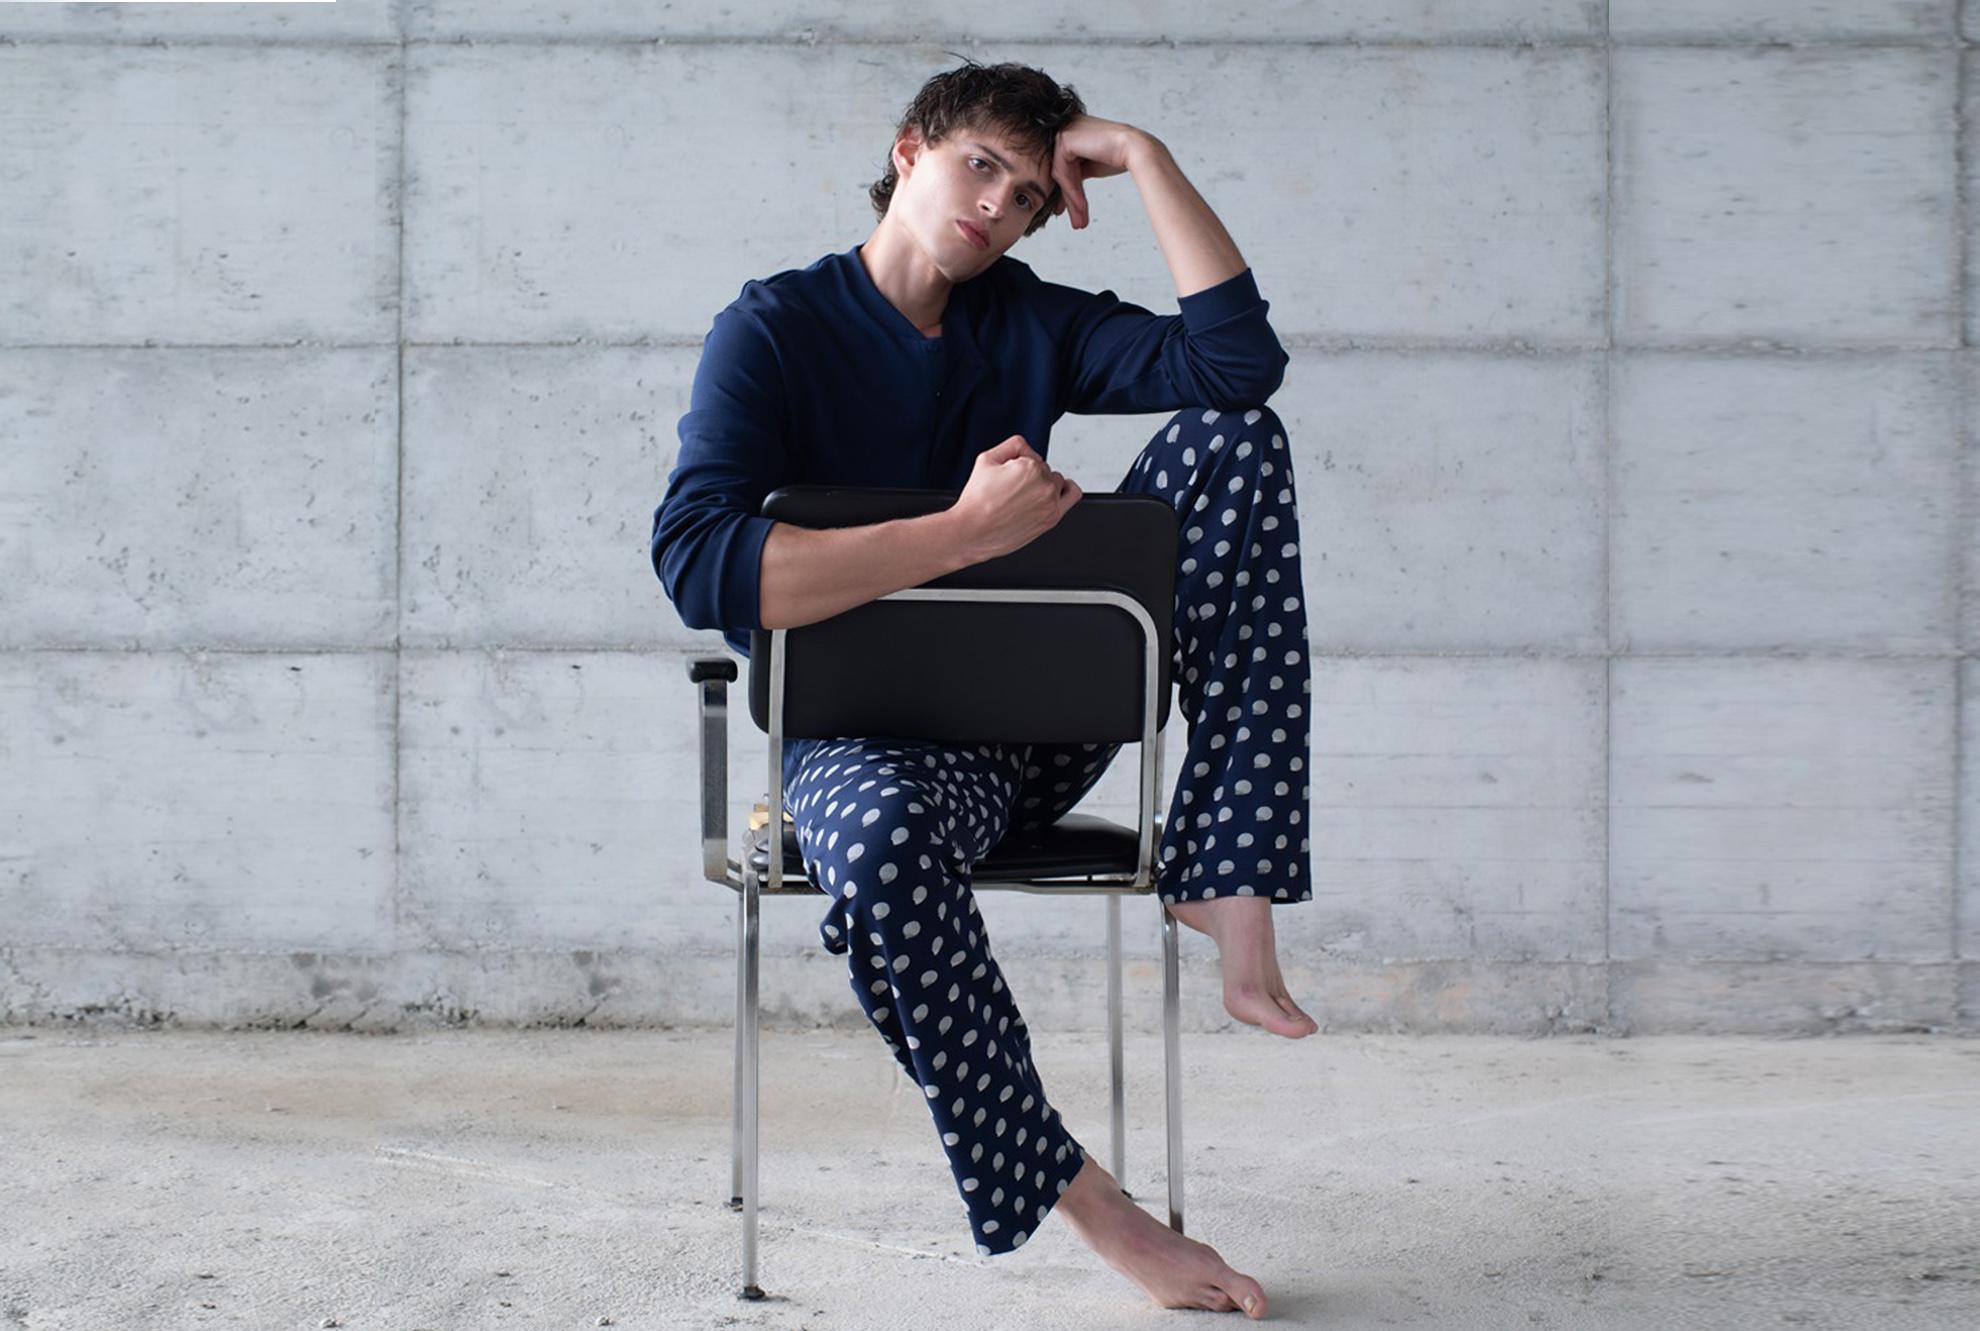 Pigiama uomo: personalizzare il pigiama con le iniziali è cool.